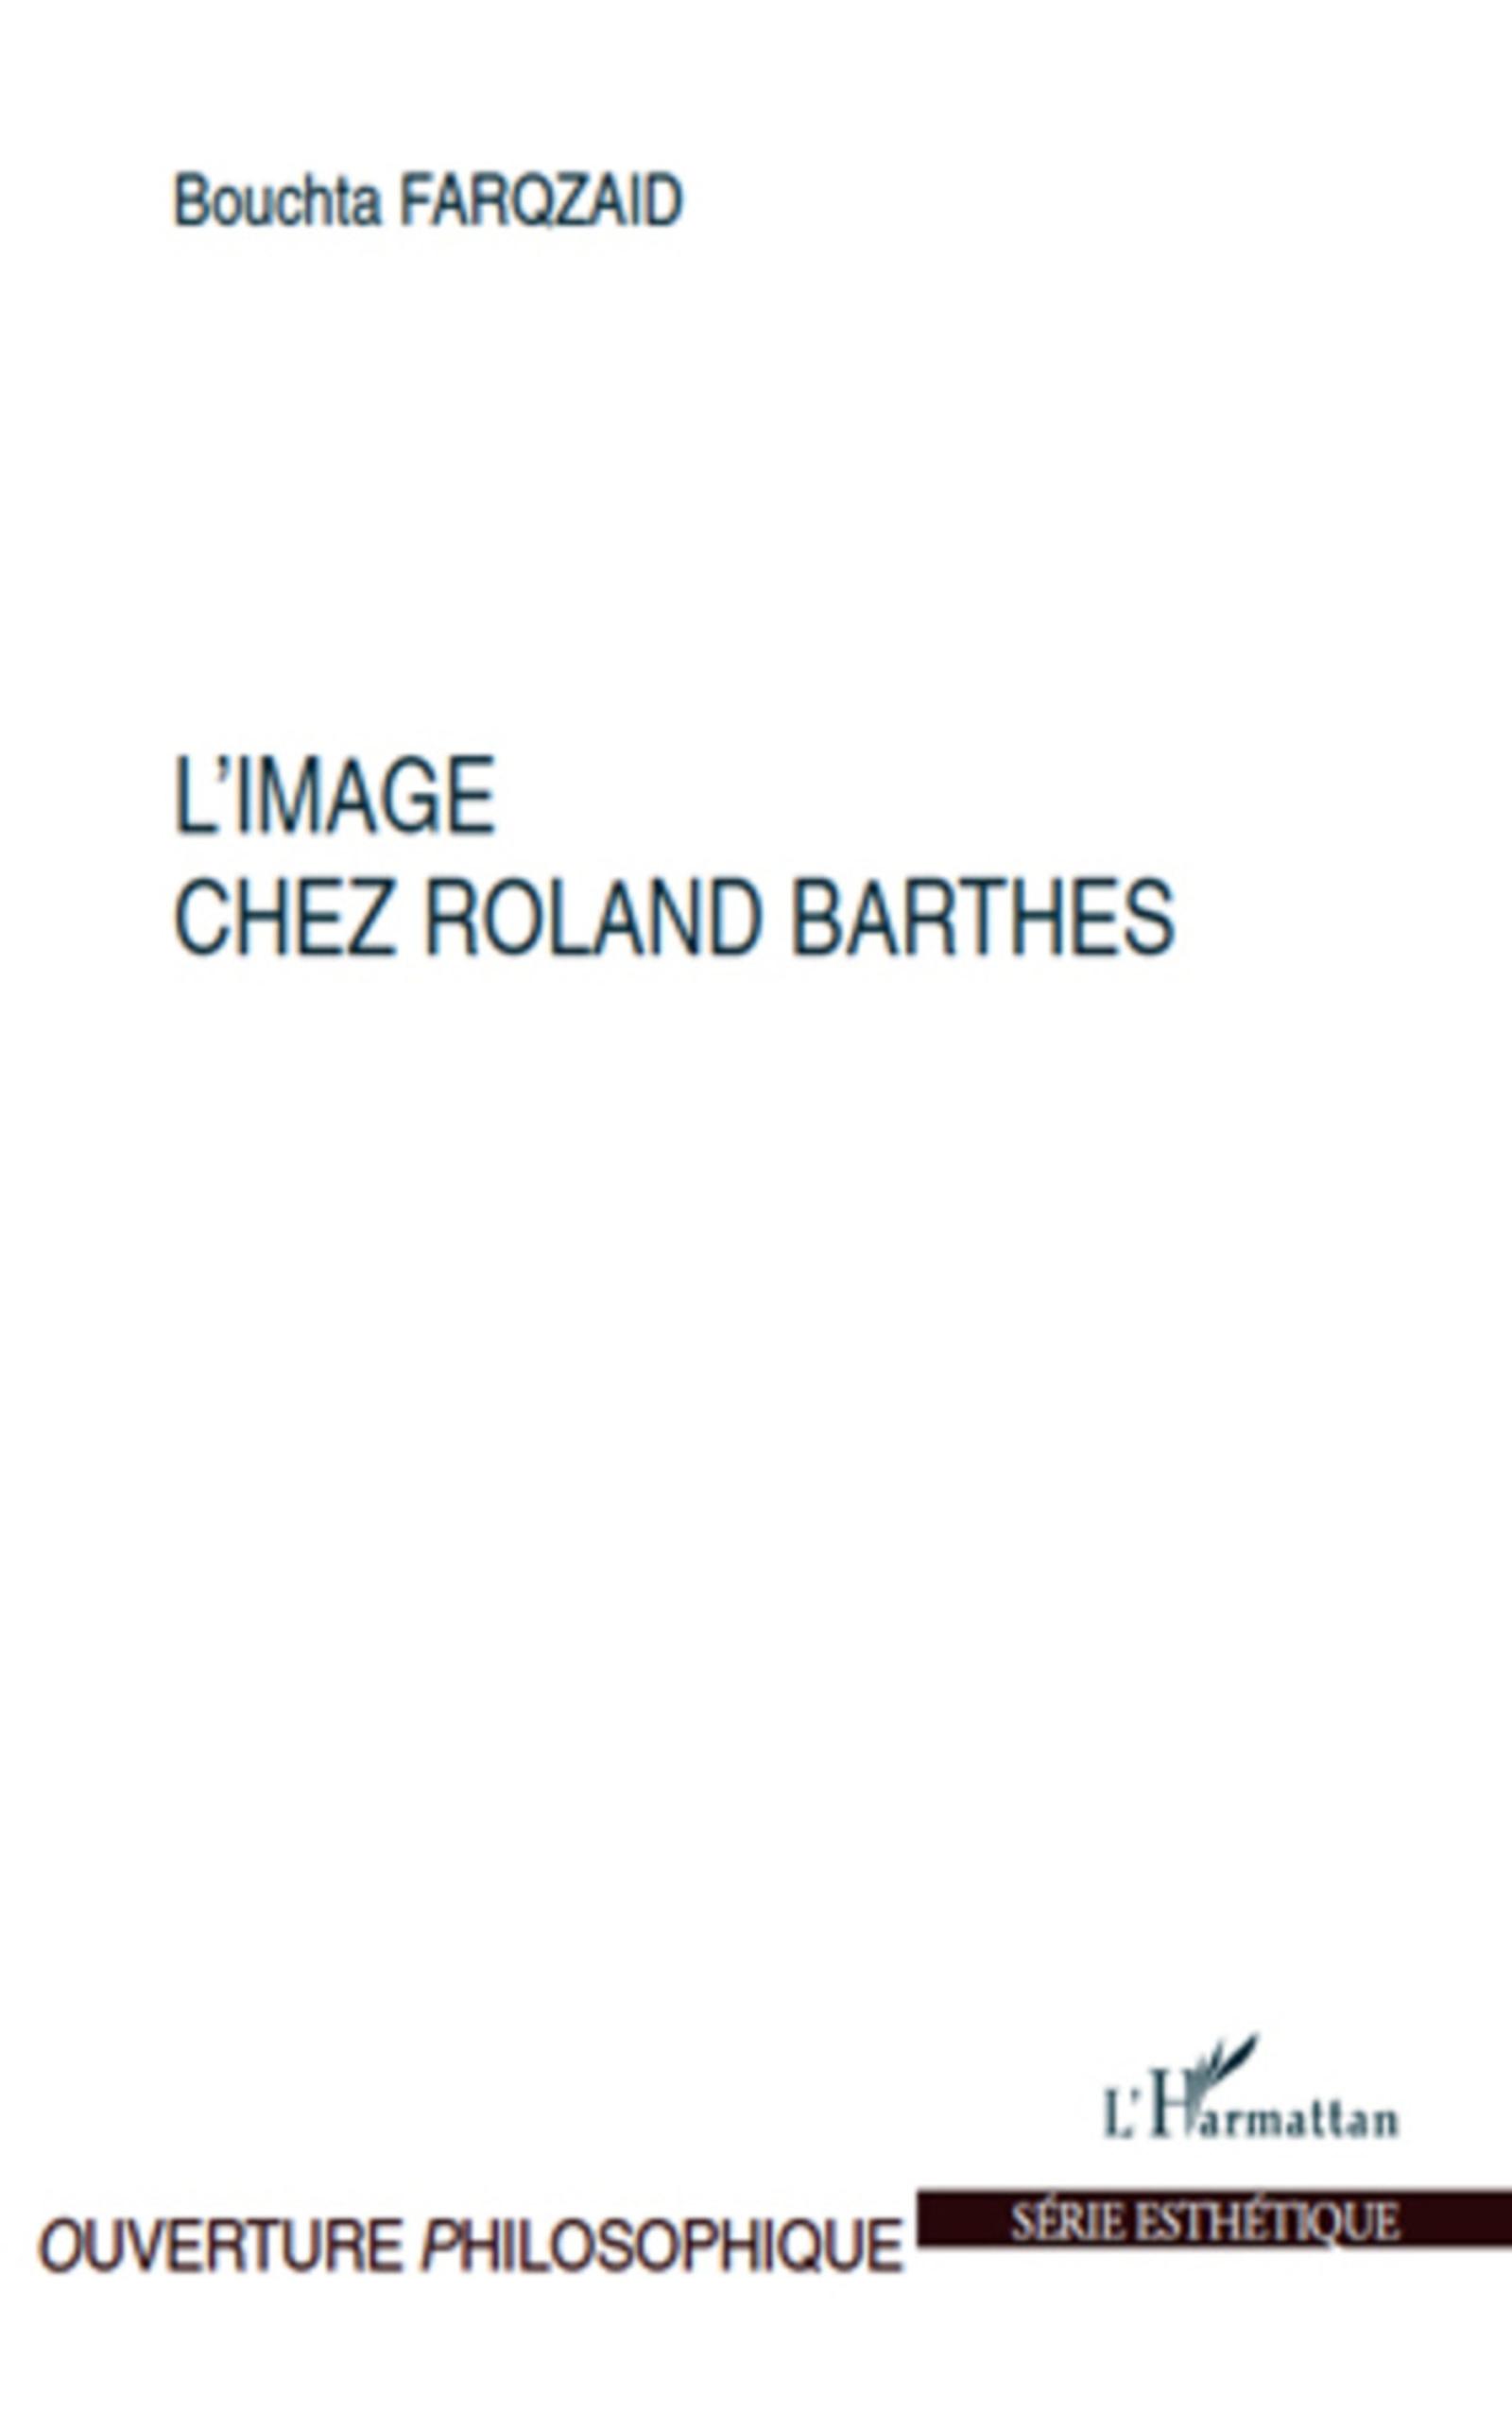 Ebook image chez roland barthes de bouchta farqzaid for Barthes la chambre claire